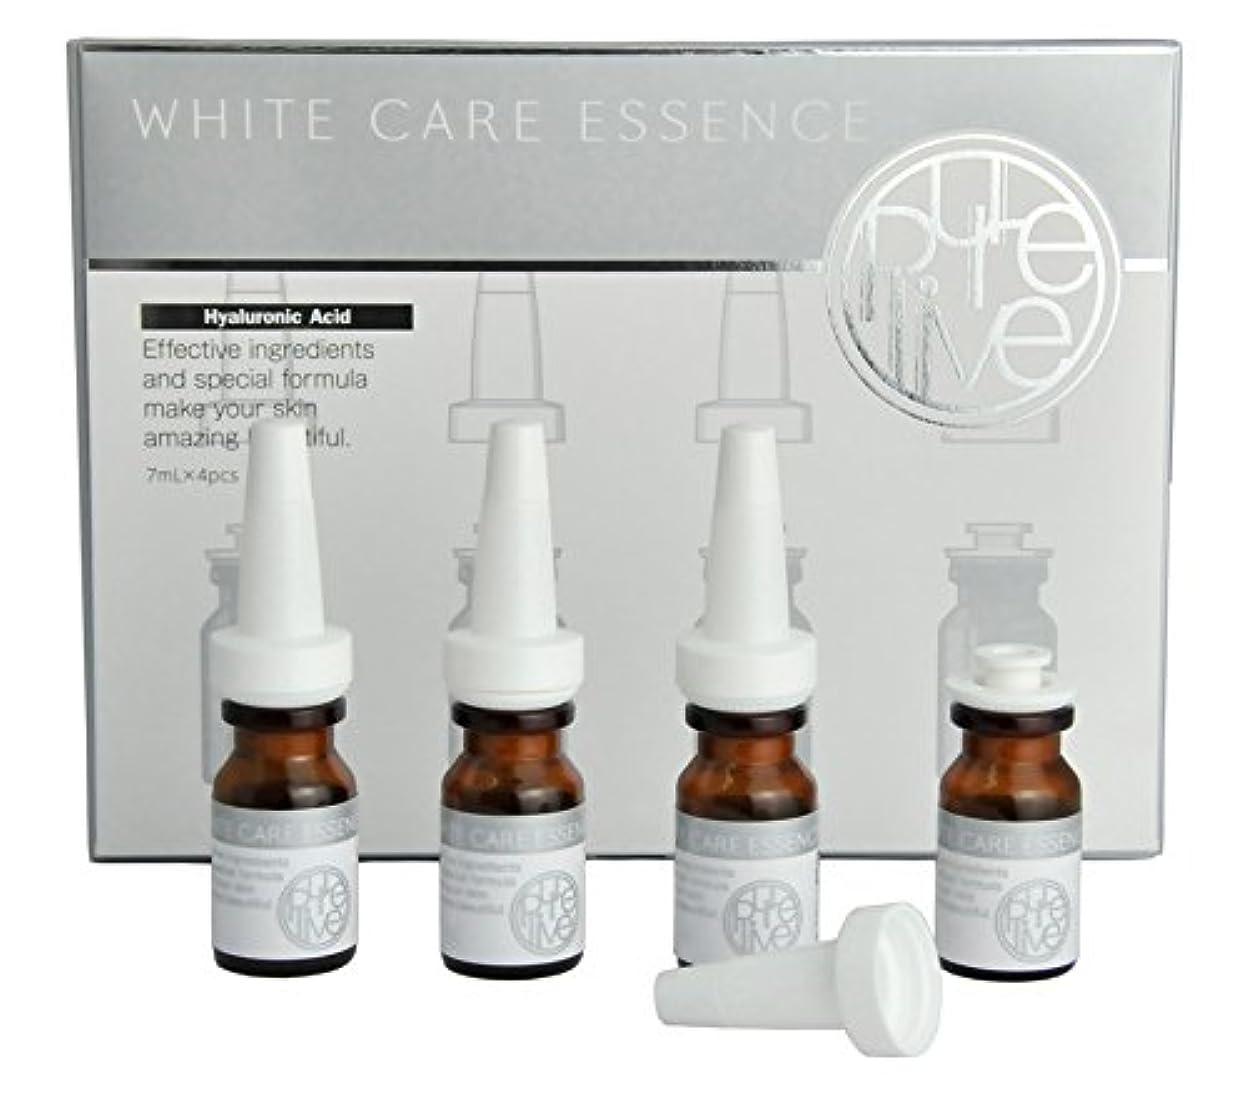 ハッチ弱める角度[PURELIVE] クリア エッセンス WHITE CARE ESSENCE‐KH762081